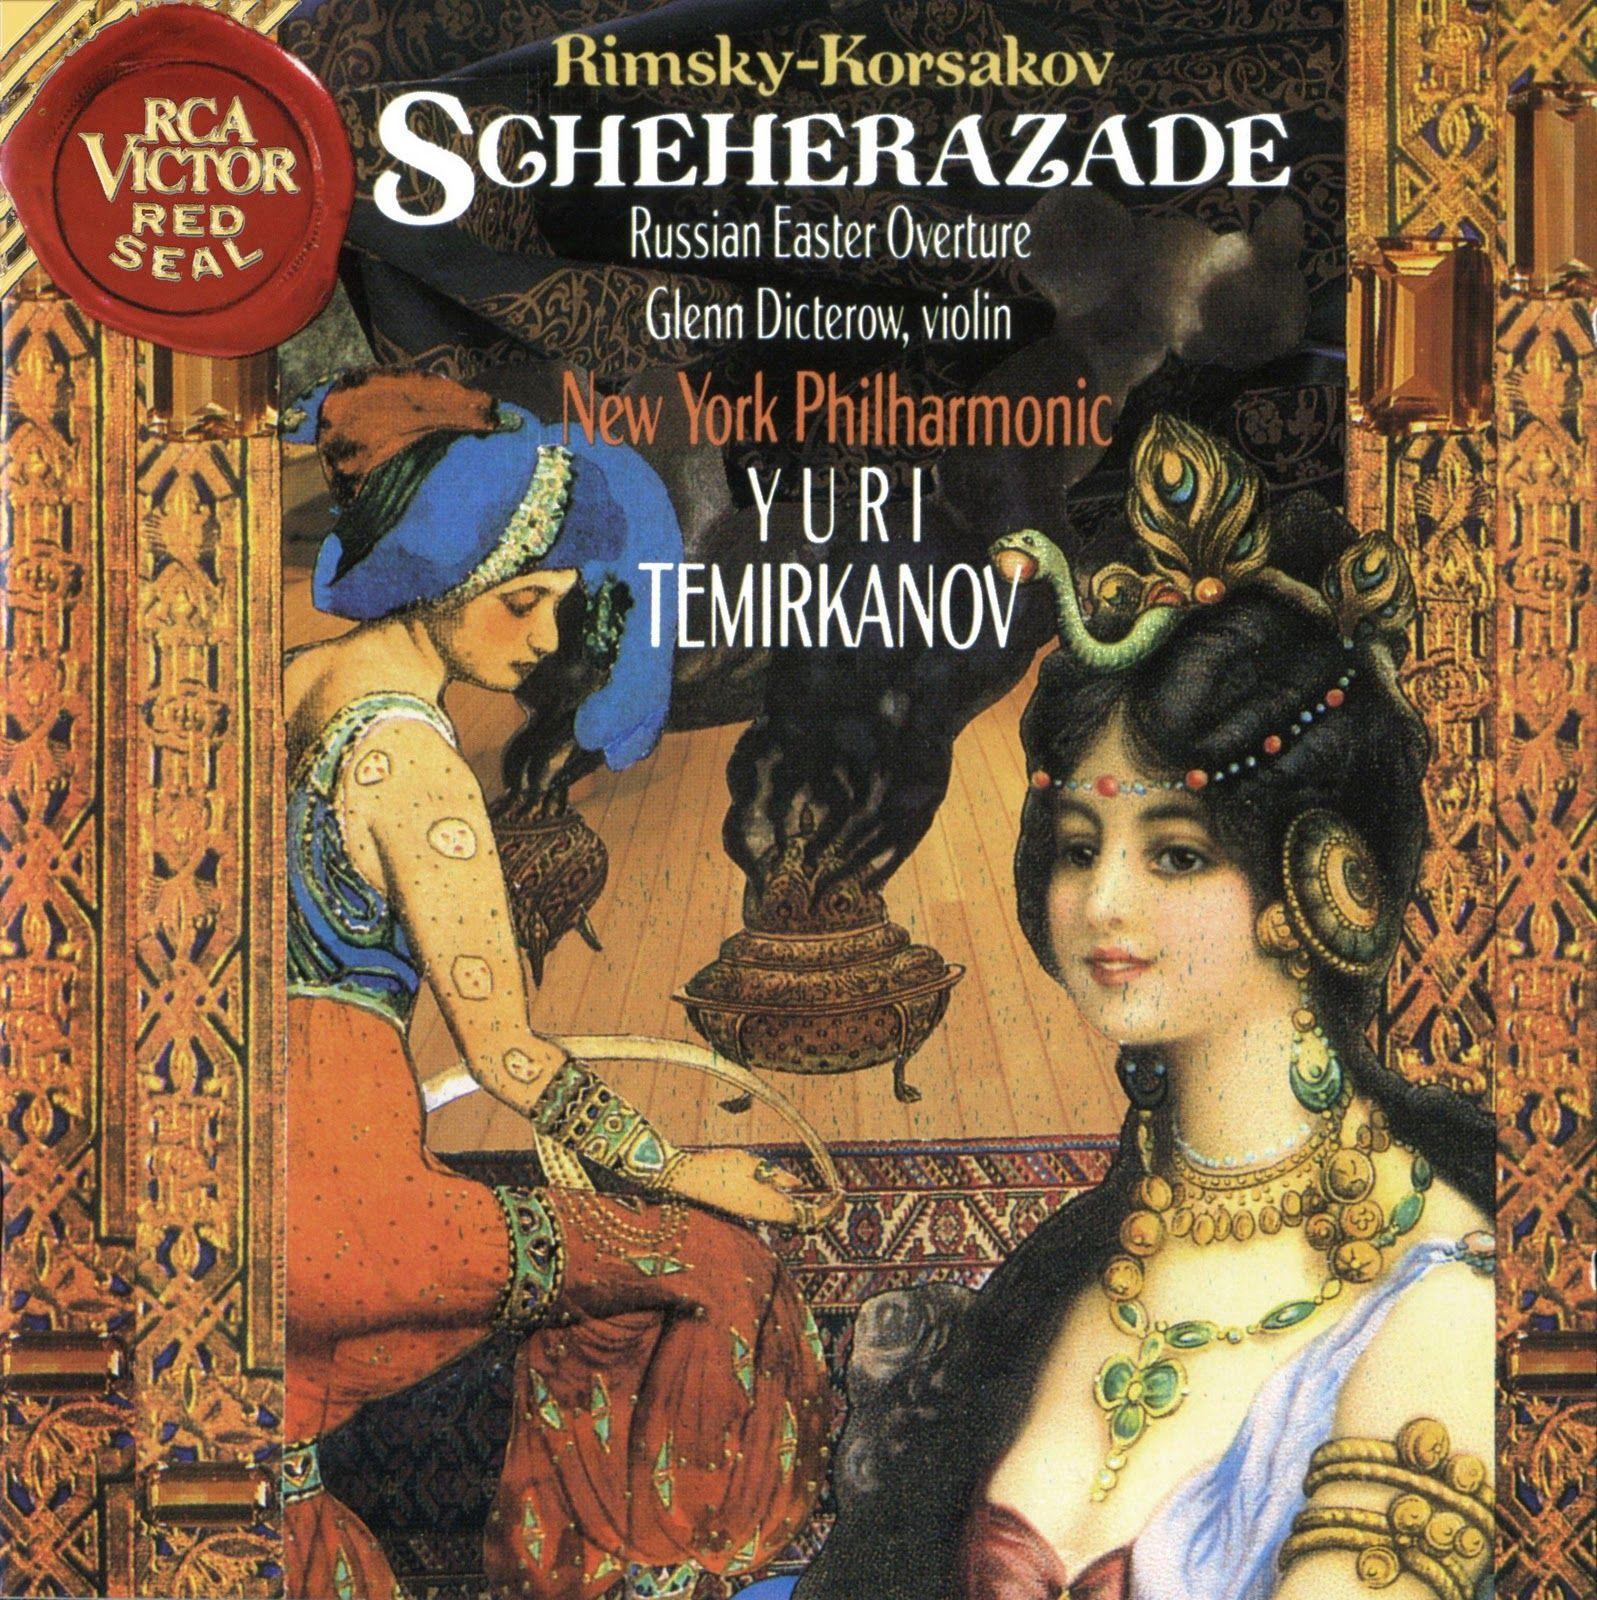 Scheherazade Tales Of The Arabian Nights